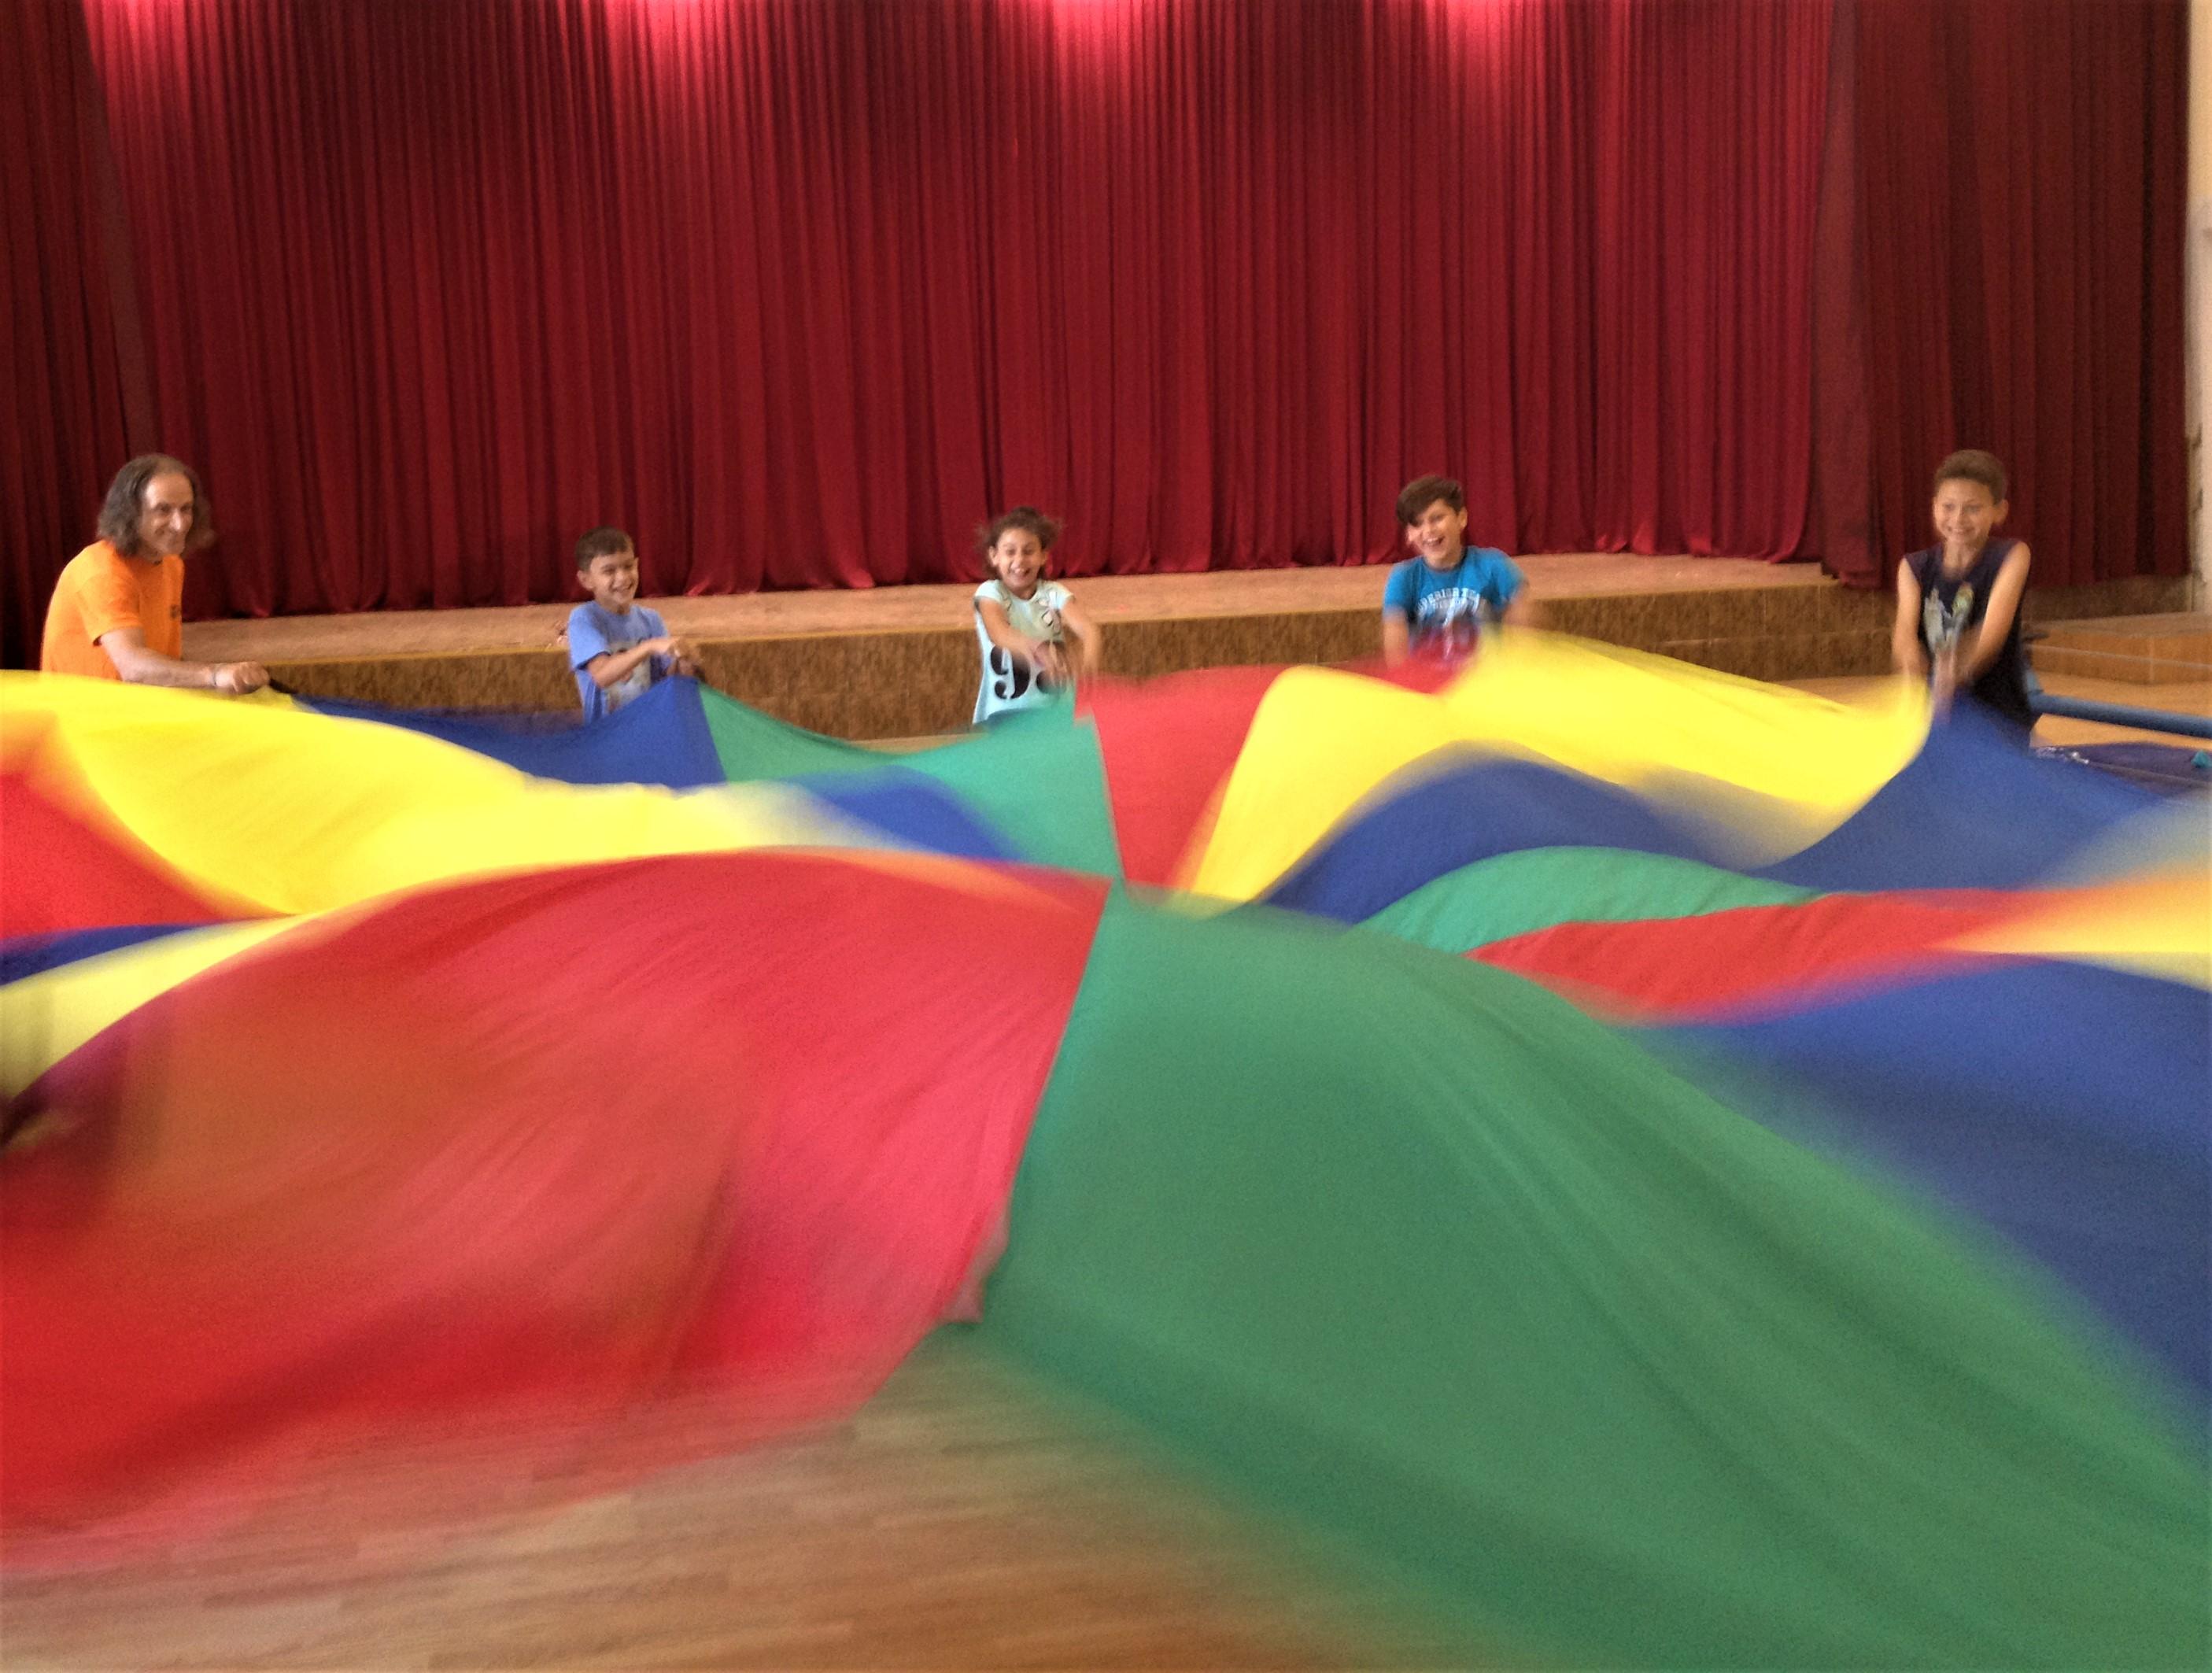 Circ de 2 lei - proiect de circ social 17